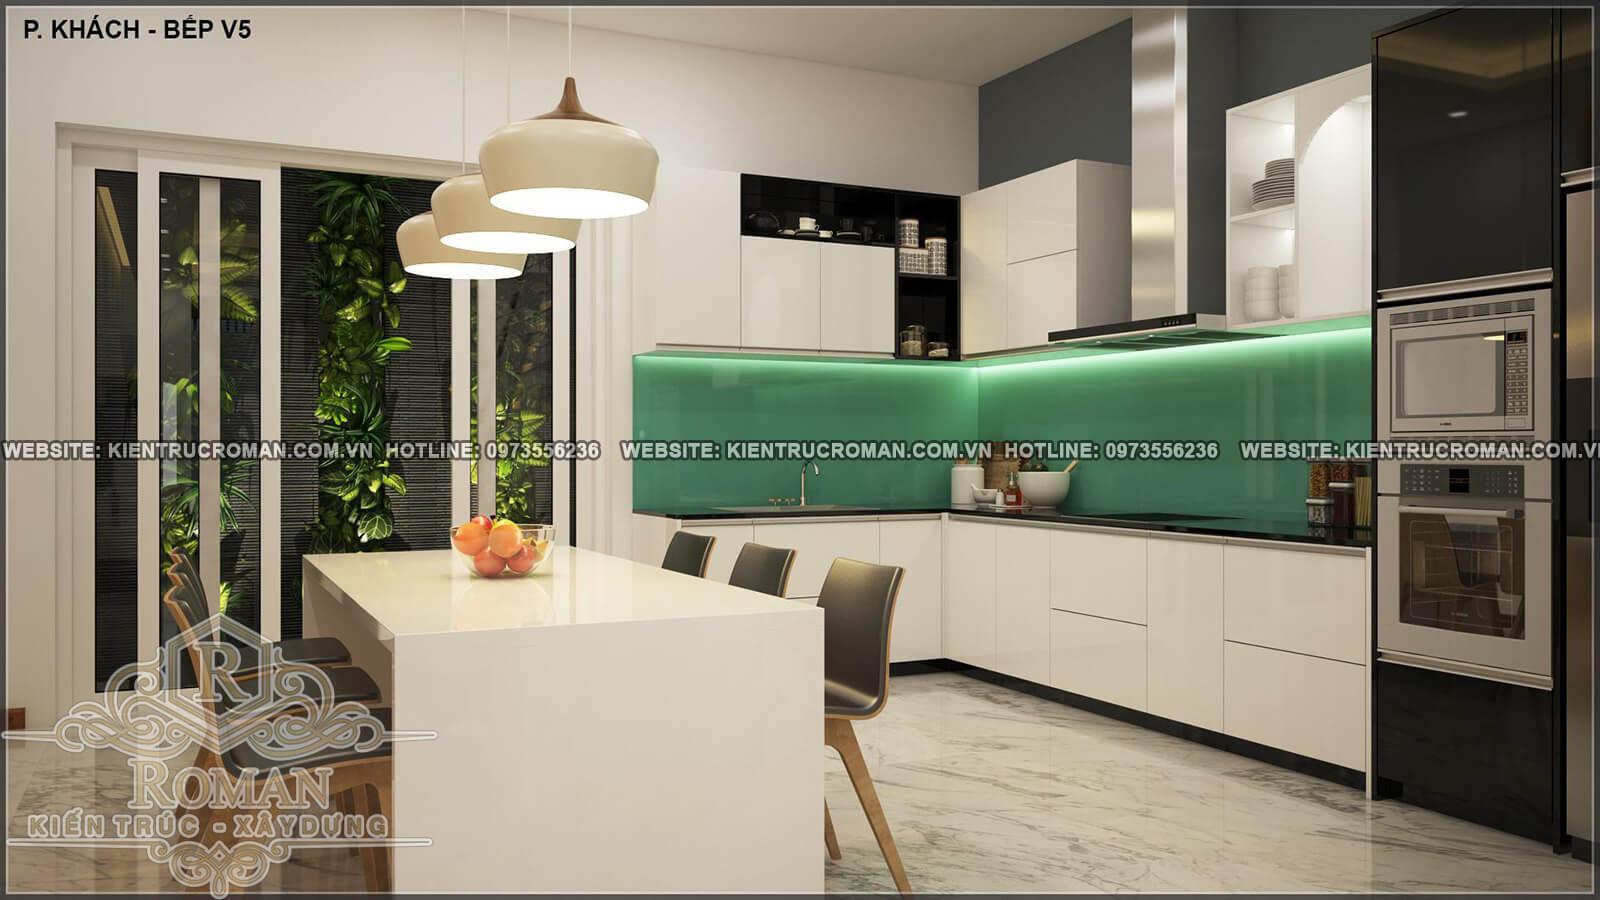 nhà bếp thiết kế nhà ống 4 tầng